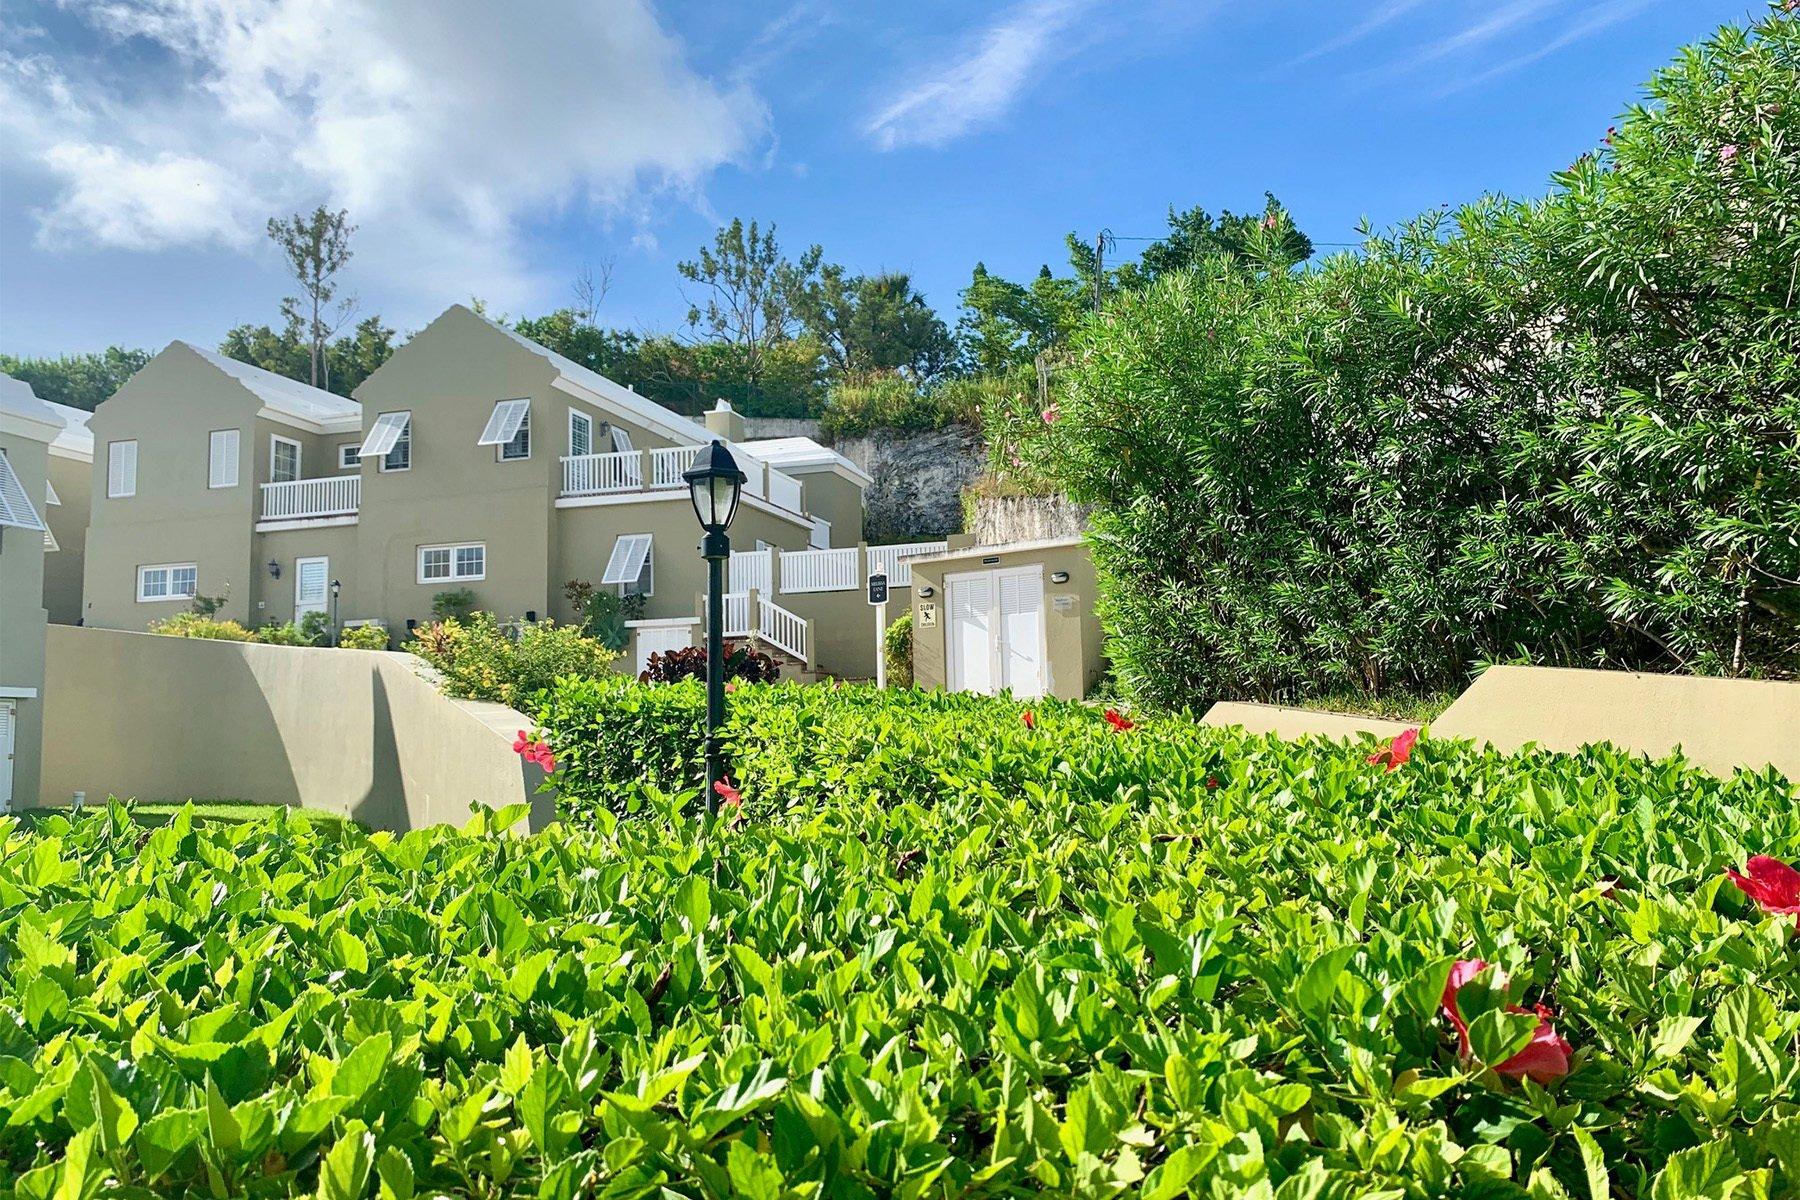 House in Warwick, Warwick Parish, Bermuda 1